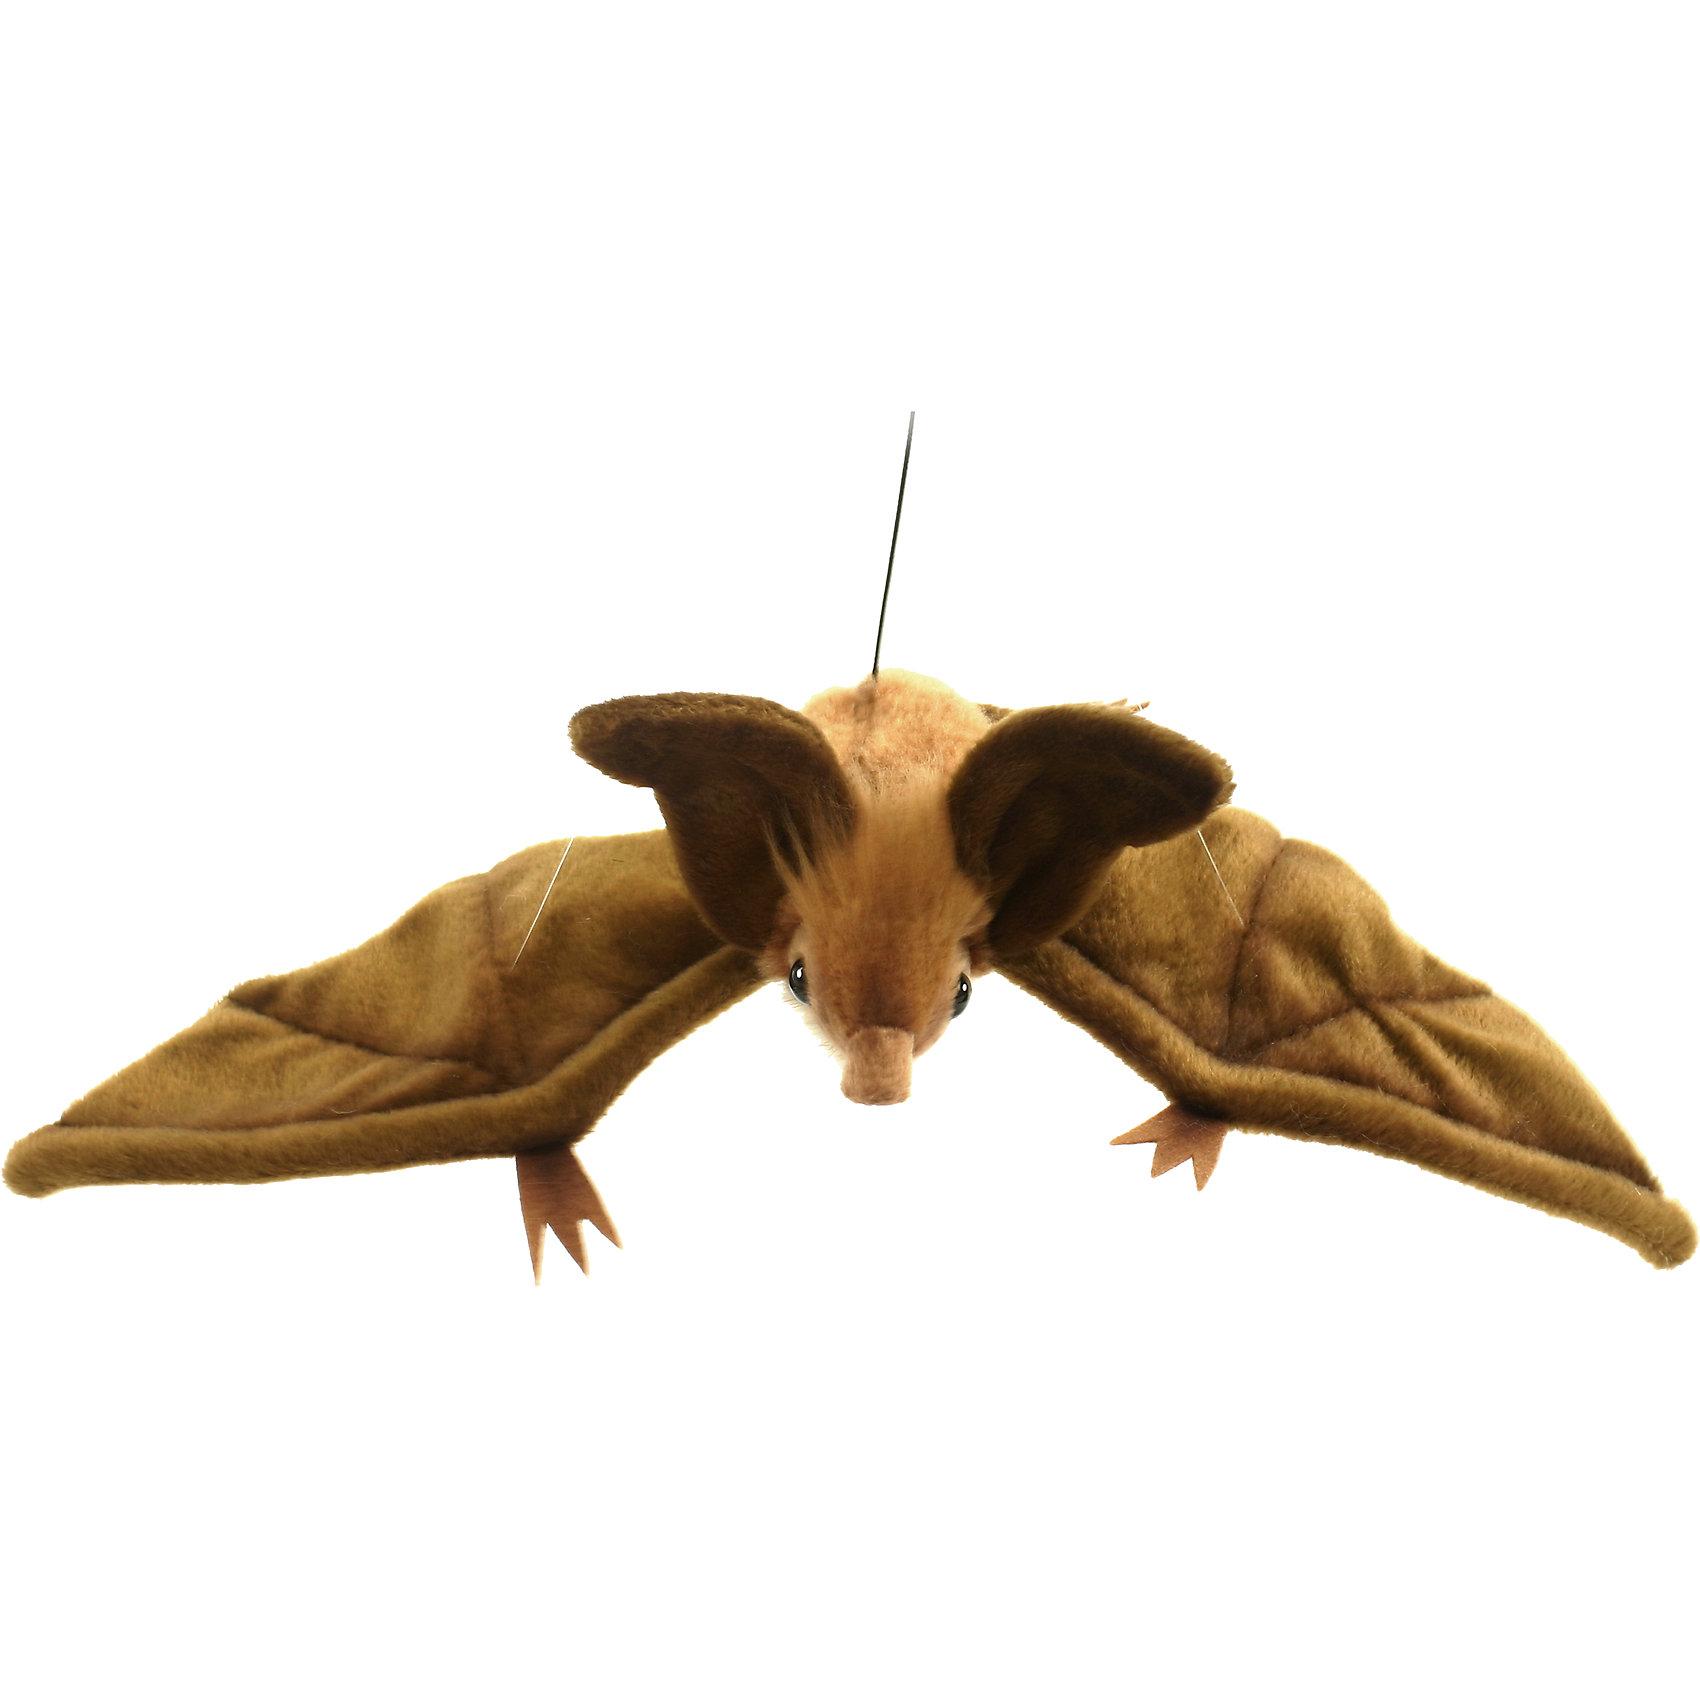 Коричневая летучая мышь (парящая), 37 см, HansaЗвери и птицы<br>Коричневая летучая мышь (парящая), 37 см – игрушка от знаменитого бренда Hansa, специализирующегося на выпуске мягких игрушек с высокой степенью натуралистичности. Внешний вид игрушки полностью соответствует своему реальному прототипу – летучей мыши. Она выполнена из искусственного меха с коротким ворсом коричневого цвета. Использованные материалы обладают гипоаллергенными свойствами. Внутри игрушки имеется металлический каркас, позволяющий изменять положение. <br>Игрушка относится к серии Дикие животные. <br>Мягкие игрушки от Hansa подходят для сюжетно-ролевых игр, для обучающих игр, направленных на знакомство с животным миром дикой природы. Кроме того, их можно использовать в качестве интерьерных игрушек. Коллекция из нескольких игрушек позволяет создать свой домашний зоопарк, который будет радовать вашего ребенка долгое время, так как ручная работа и качественные материалы гарантируют их долговечность и прочность.<br><br>Дополнительная информация:<br><br>- Вид игр: сюжетно-ролевые игры, коллекционирование, интерьерные игрушки<br>- Предназначение: для дома, для детских развивающих центров, для детских садов<br>- Материал: искусственный мех, наполнитель ? полиэфирное волокно<br>- Размер (ДхШхВ): 37*10*12 см<br>- Вес: 475 г<br>- Особенности ухода: сухая чистка при помощи пылесоса или щетки для одежды<br><br>Подробнее:<br><br>• Для детей в возрасте: от 3 лет <br>• Страна производитель: Филиппины<br>• Торговый бренд: Hansa<br><br>Коричневую летучую мышь (парящую), 37 см можно купить в нашем интернет-магазине.<br><br>Ширина мм: 37<br>Глубина мм: 10<br>Высота мм: 12<br>Вес г: 475<br>Возраст от месяцев: 36<br>Возраст до месяцев: 2147483647<br>Пол: Унисекс<br>Возраст: Детский<br>SKU: 4927150